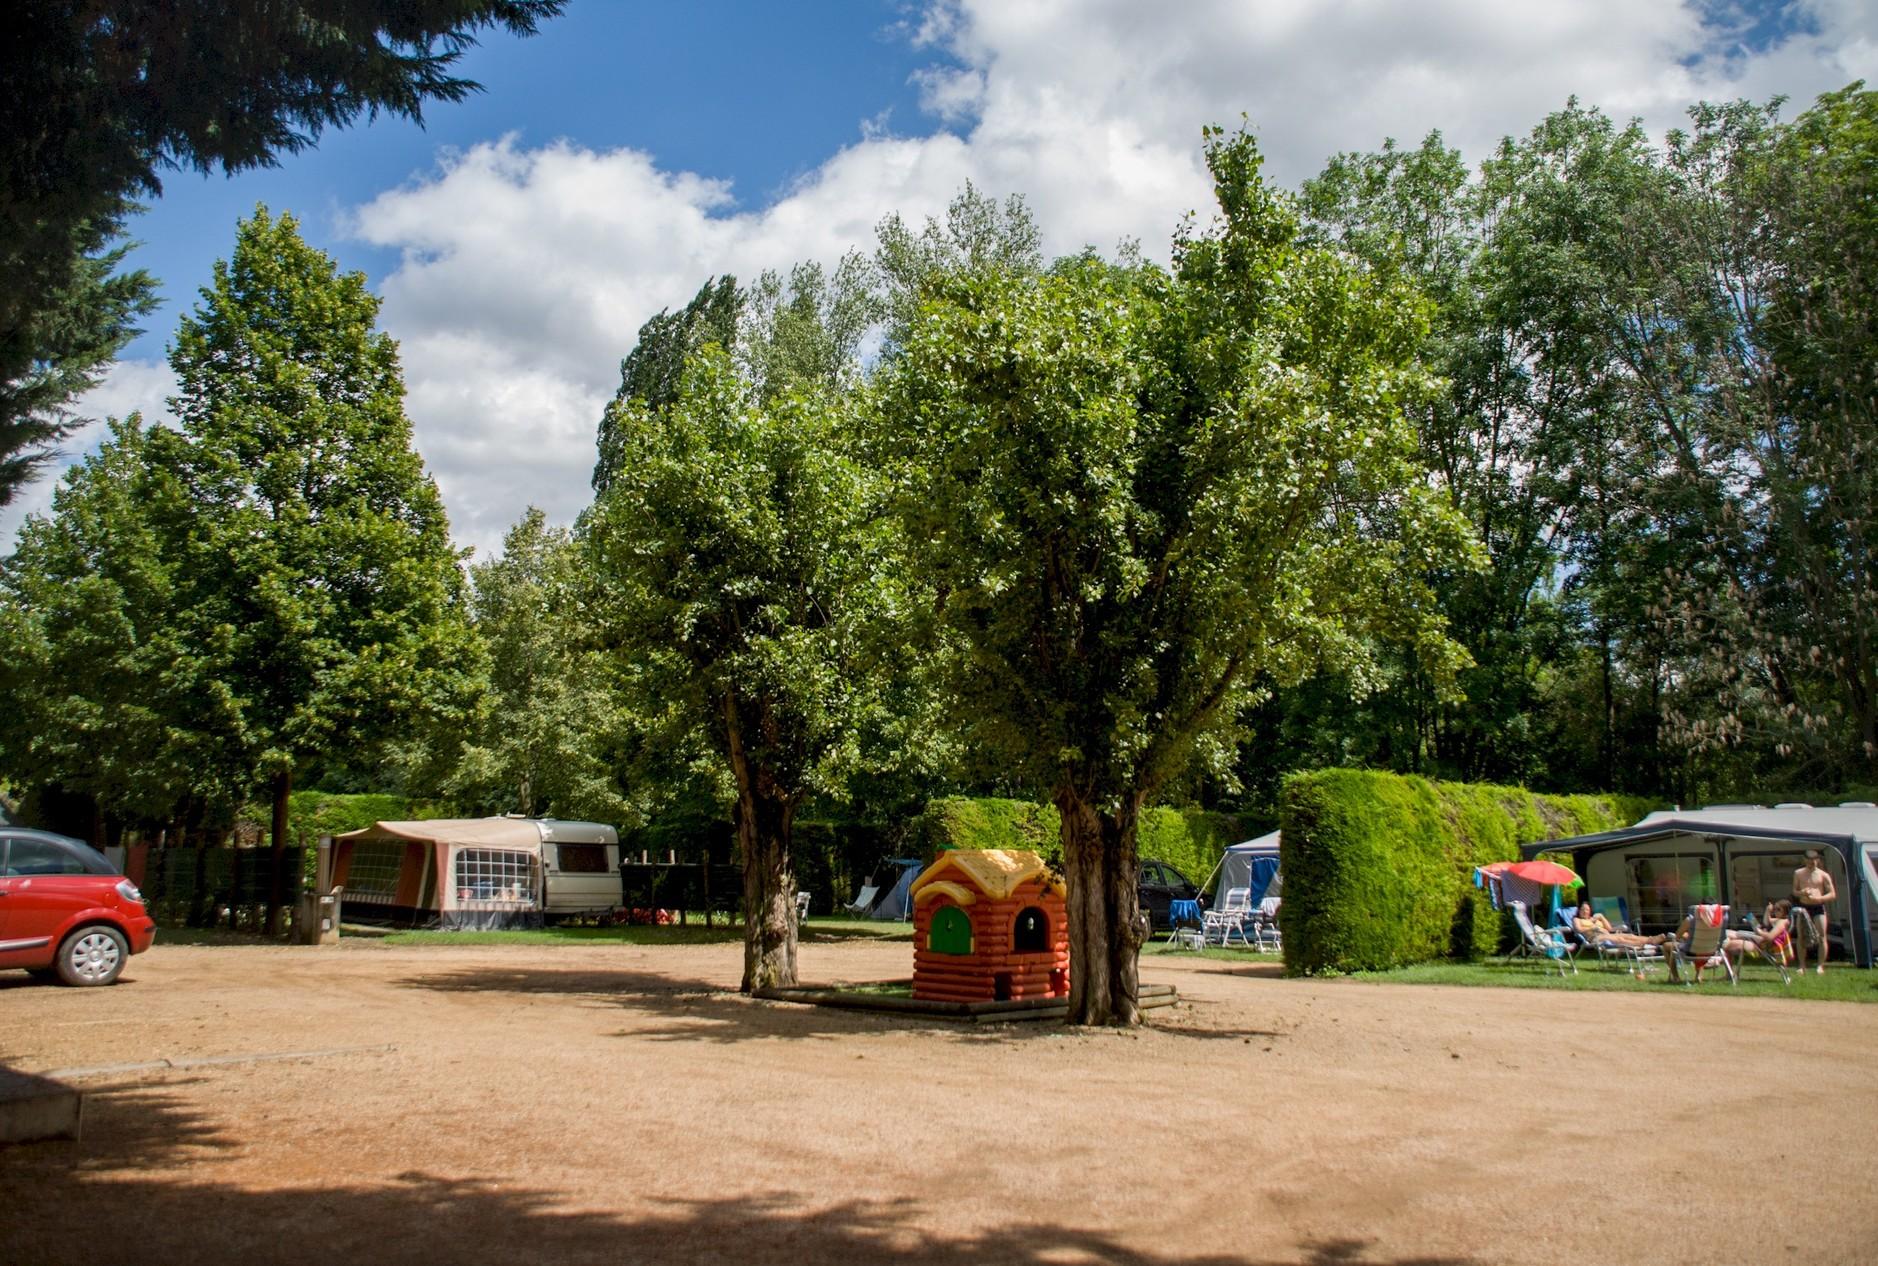 Frankrijk-Orcet-Camping%20Le%20Clos%20Auroy-ExtraLarge Wintersport Frankrijk Pagina 3 van 55